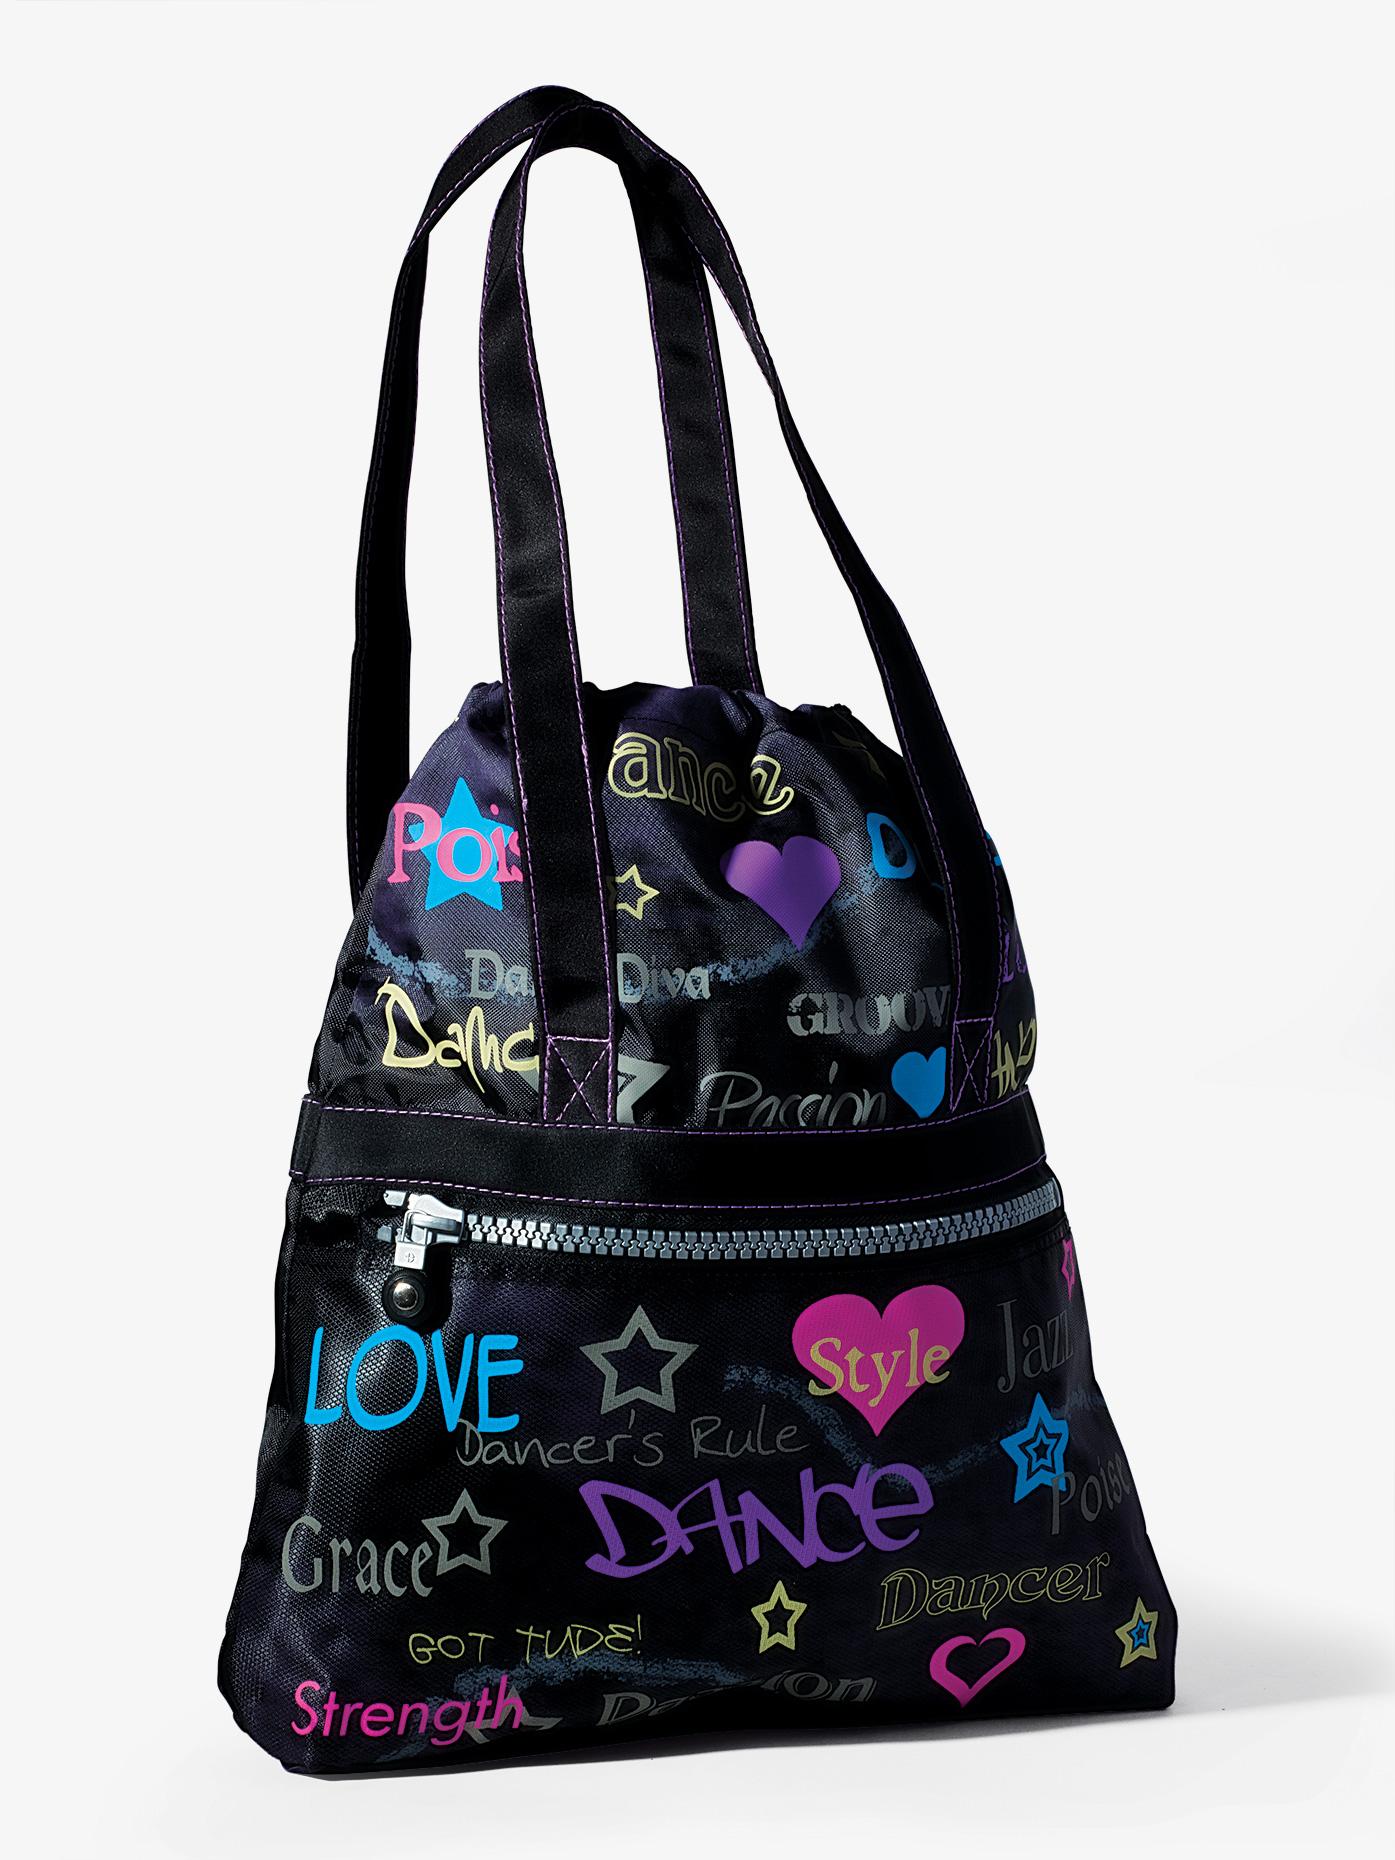 Attitude Bag